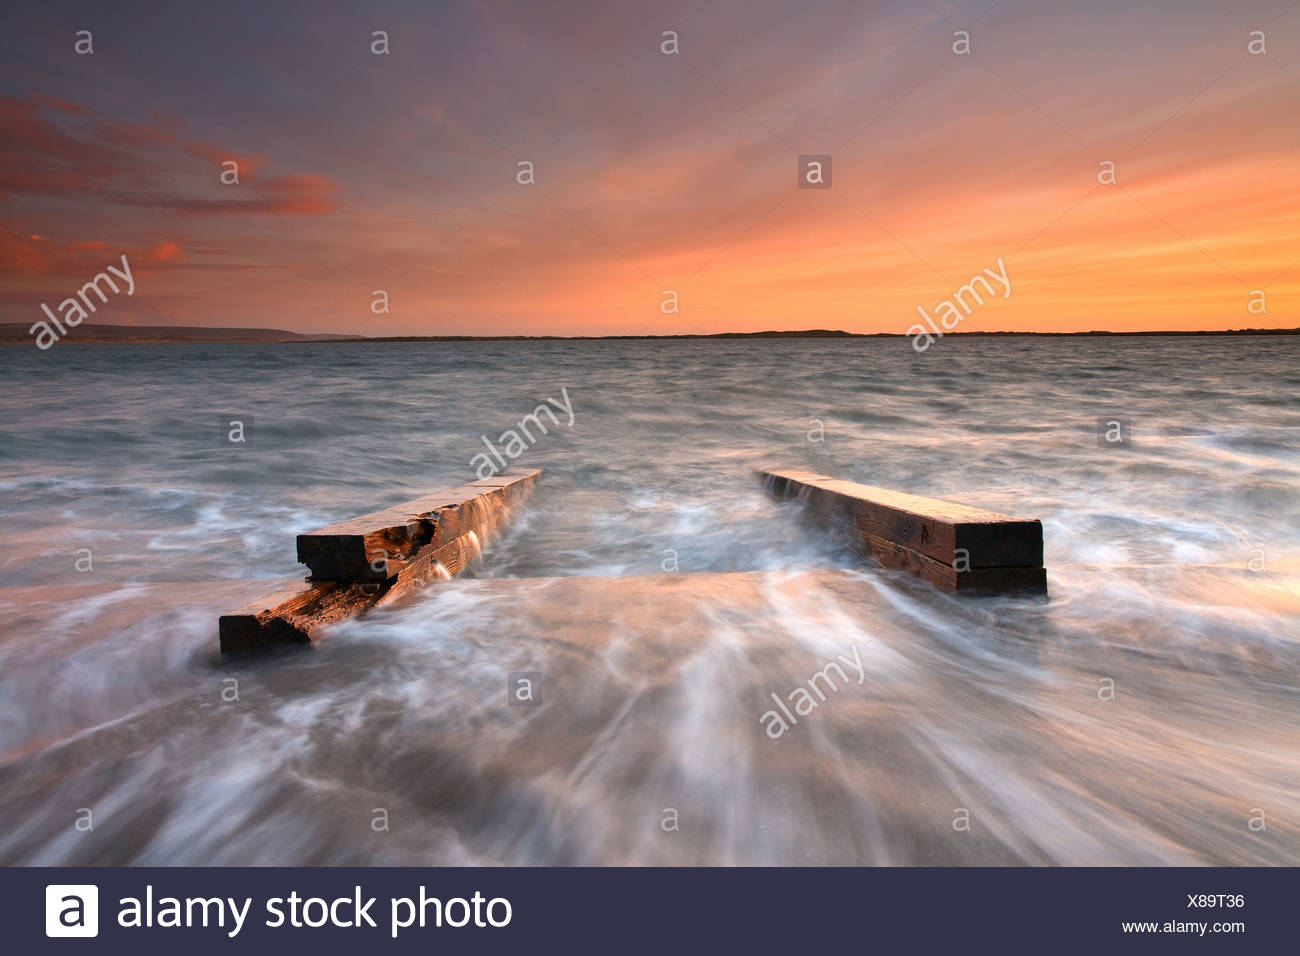 Rimane il costruttore di barche di uno scalo estuario quasi sommerso dalla marea tramonto fiume Torridge Watertown vicino a Appledore Nord Immagini Stock